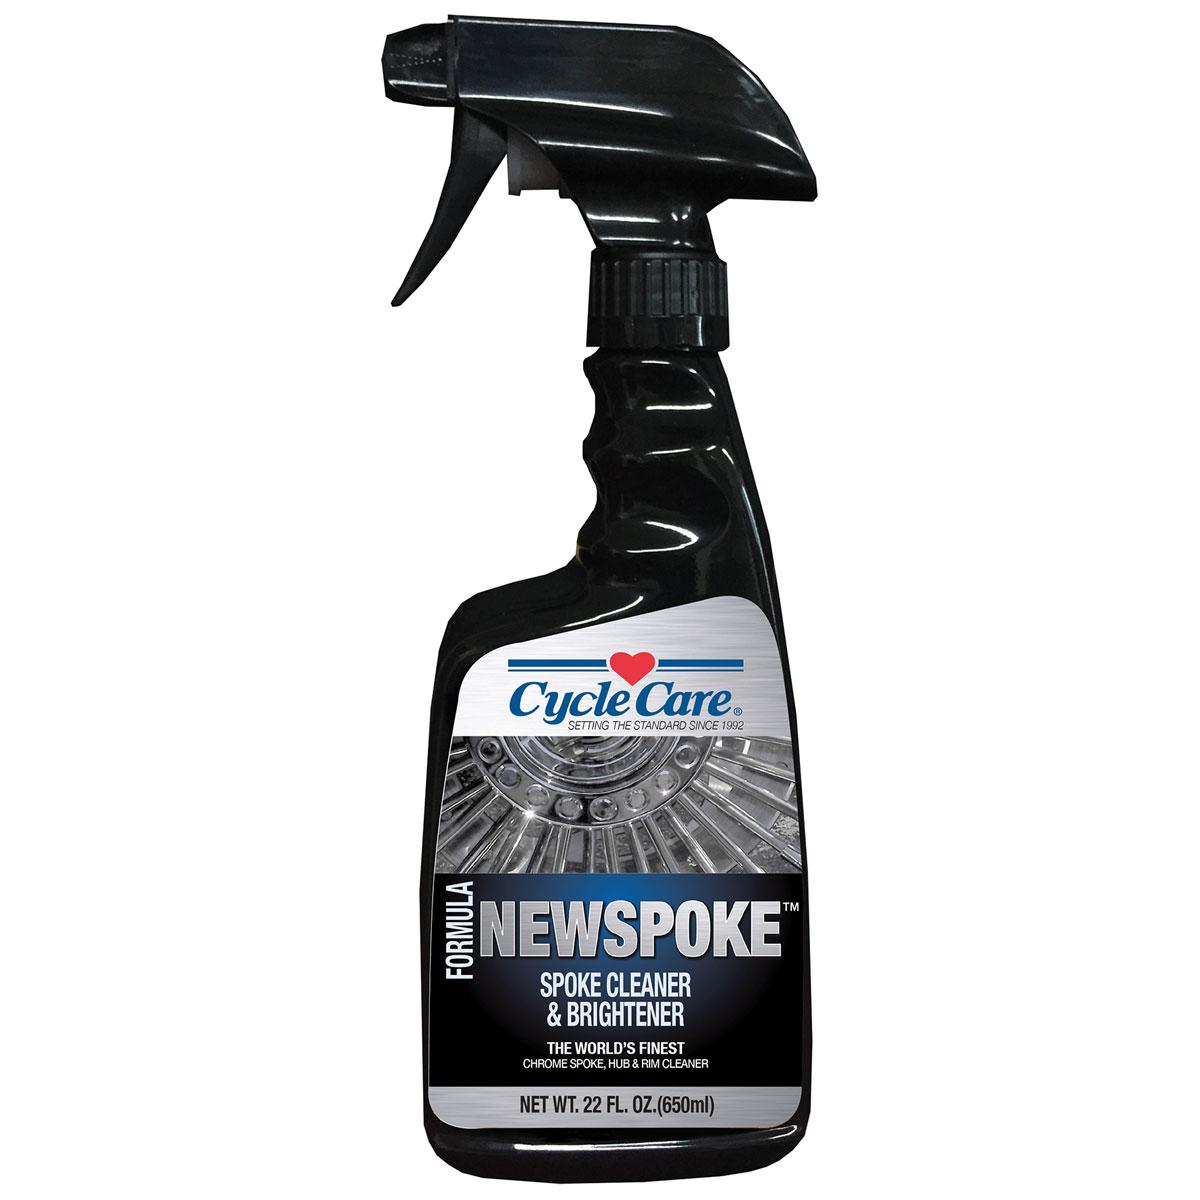 Cycle Care Newspoke Spoke Cleaner